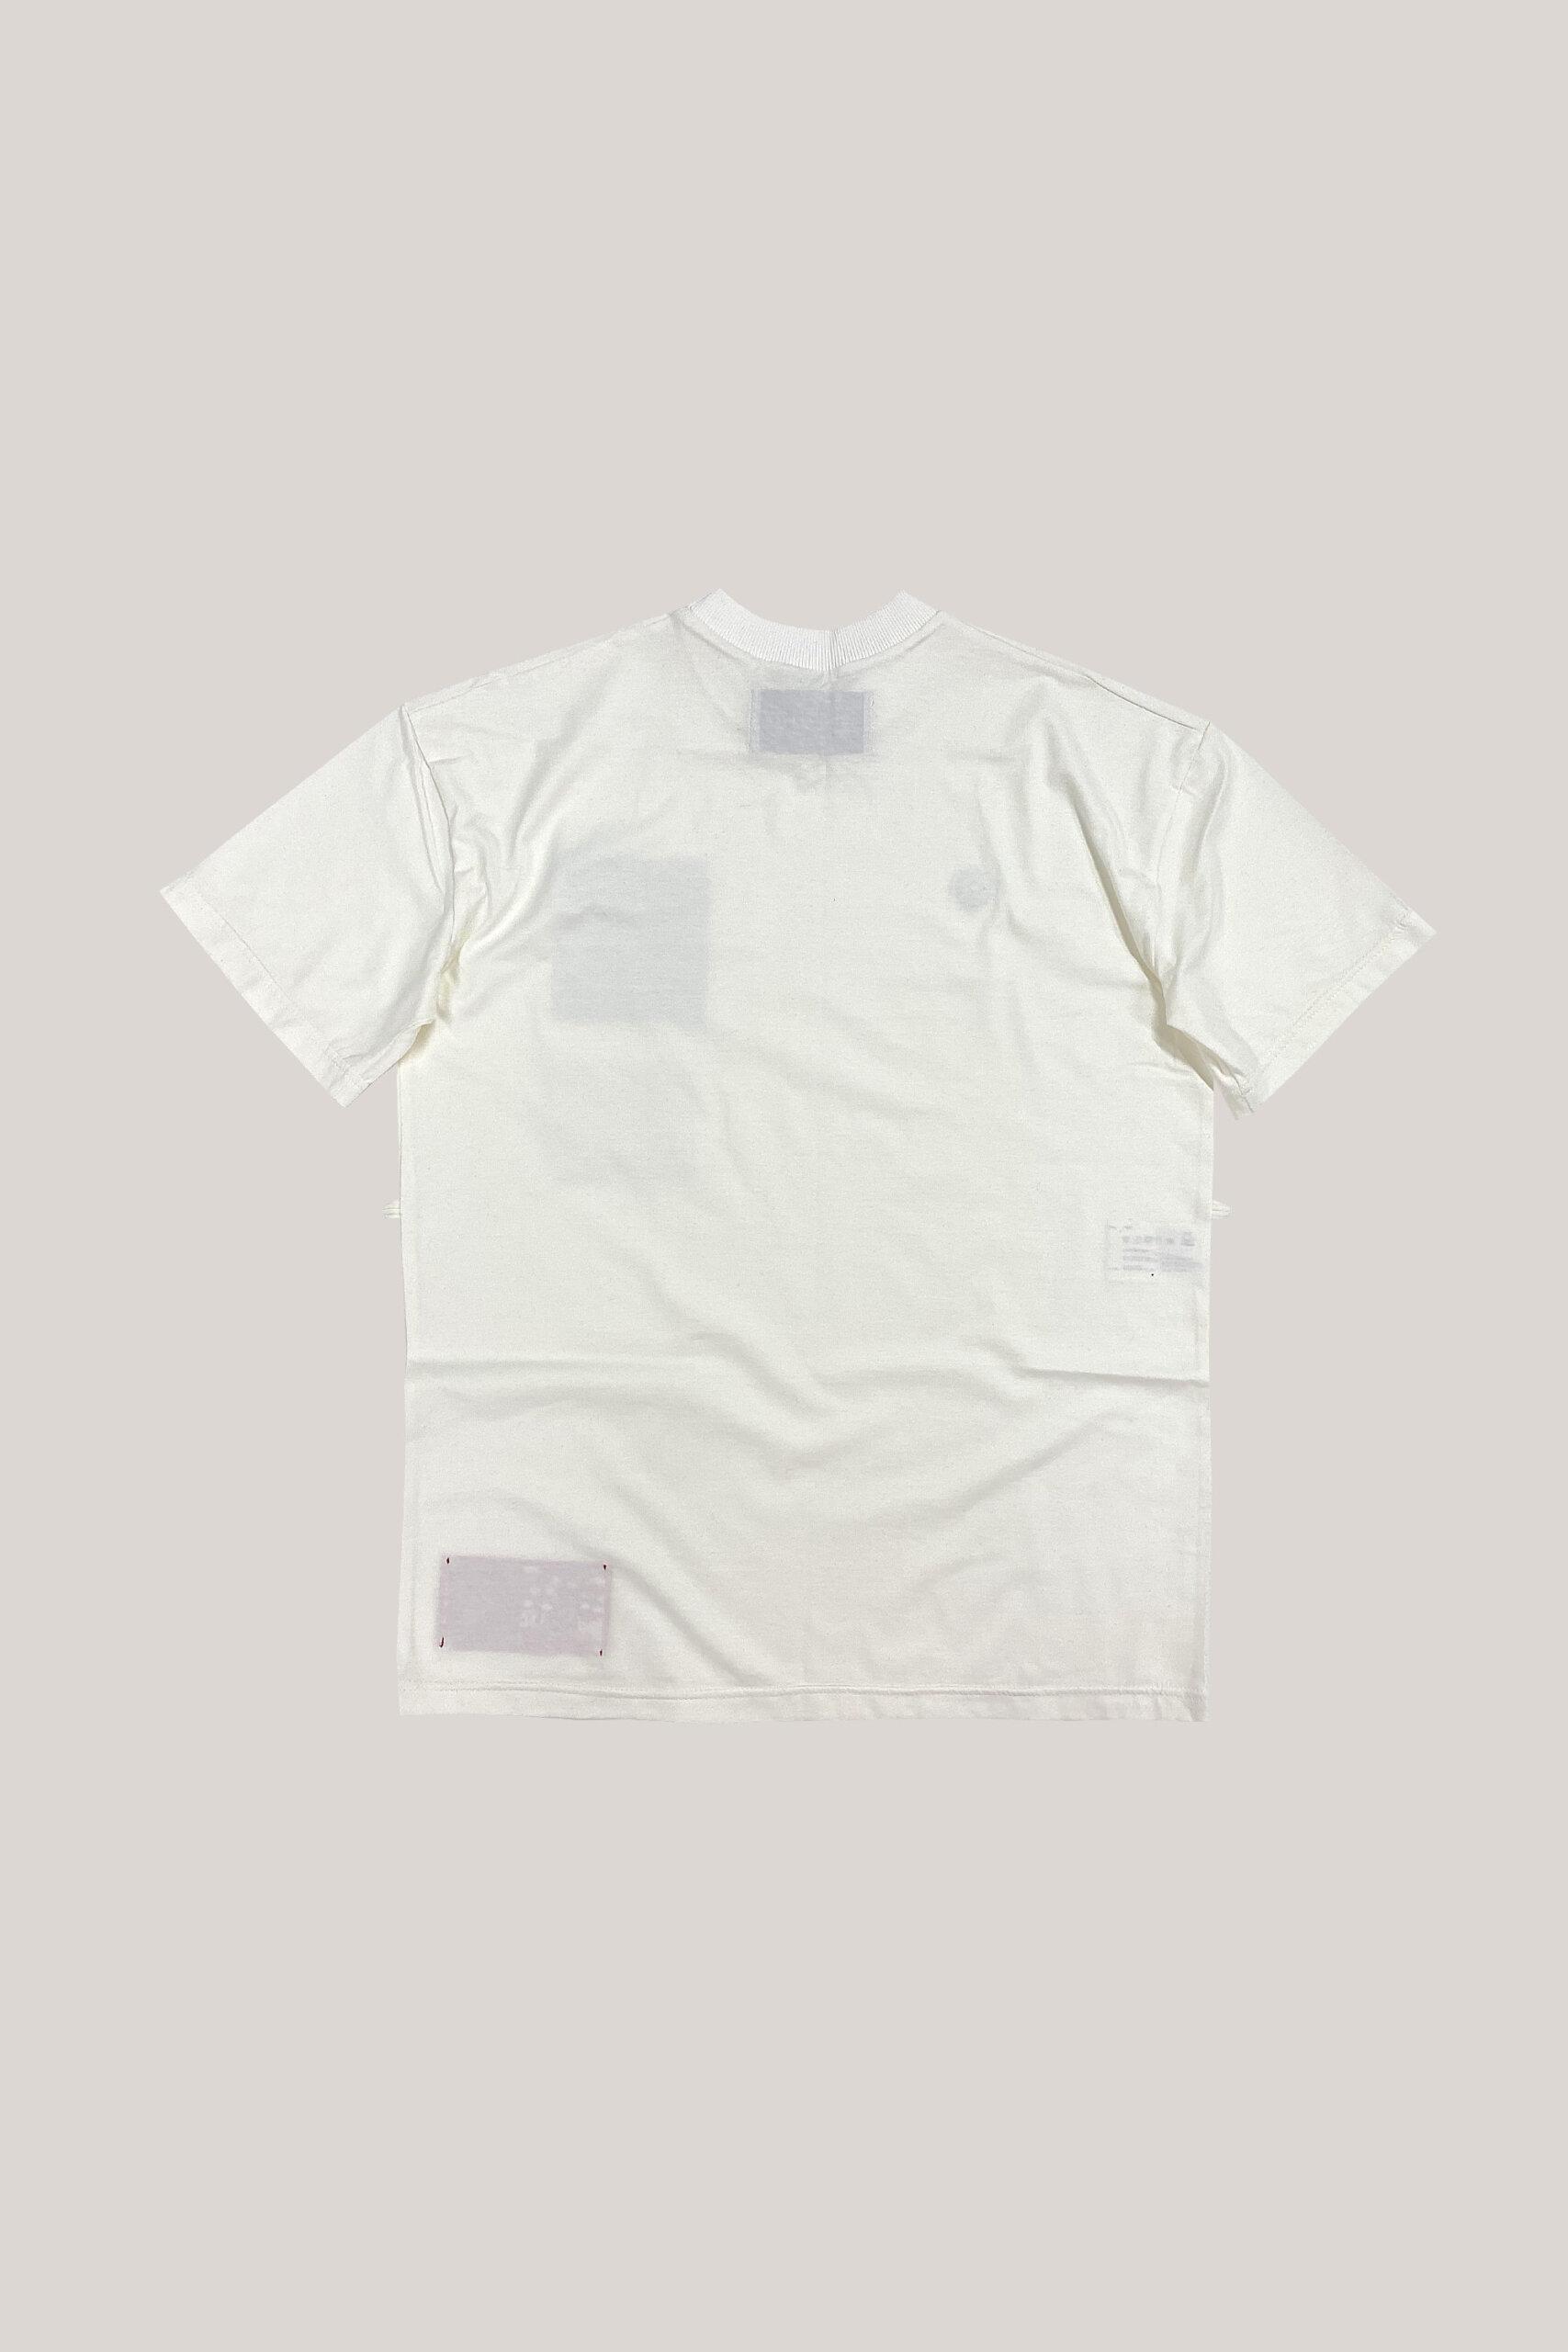 26-Tshirt-Offwhite-Back